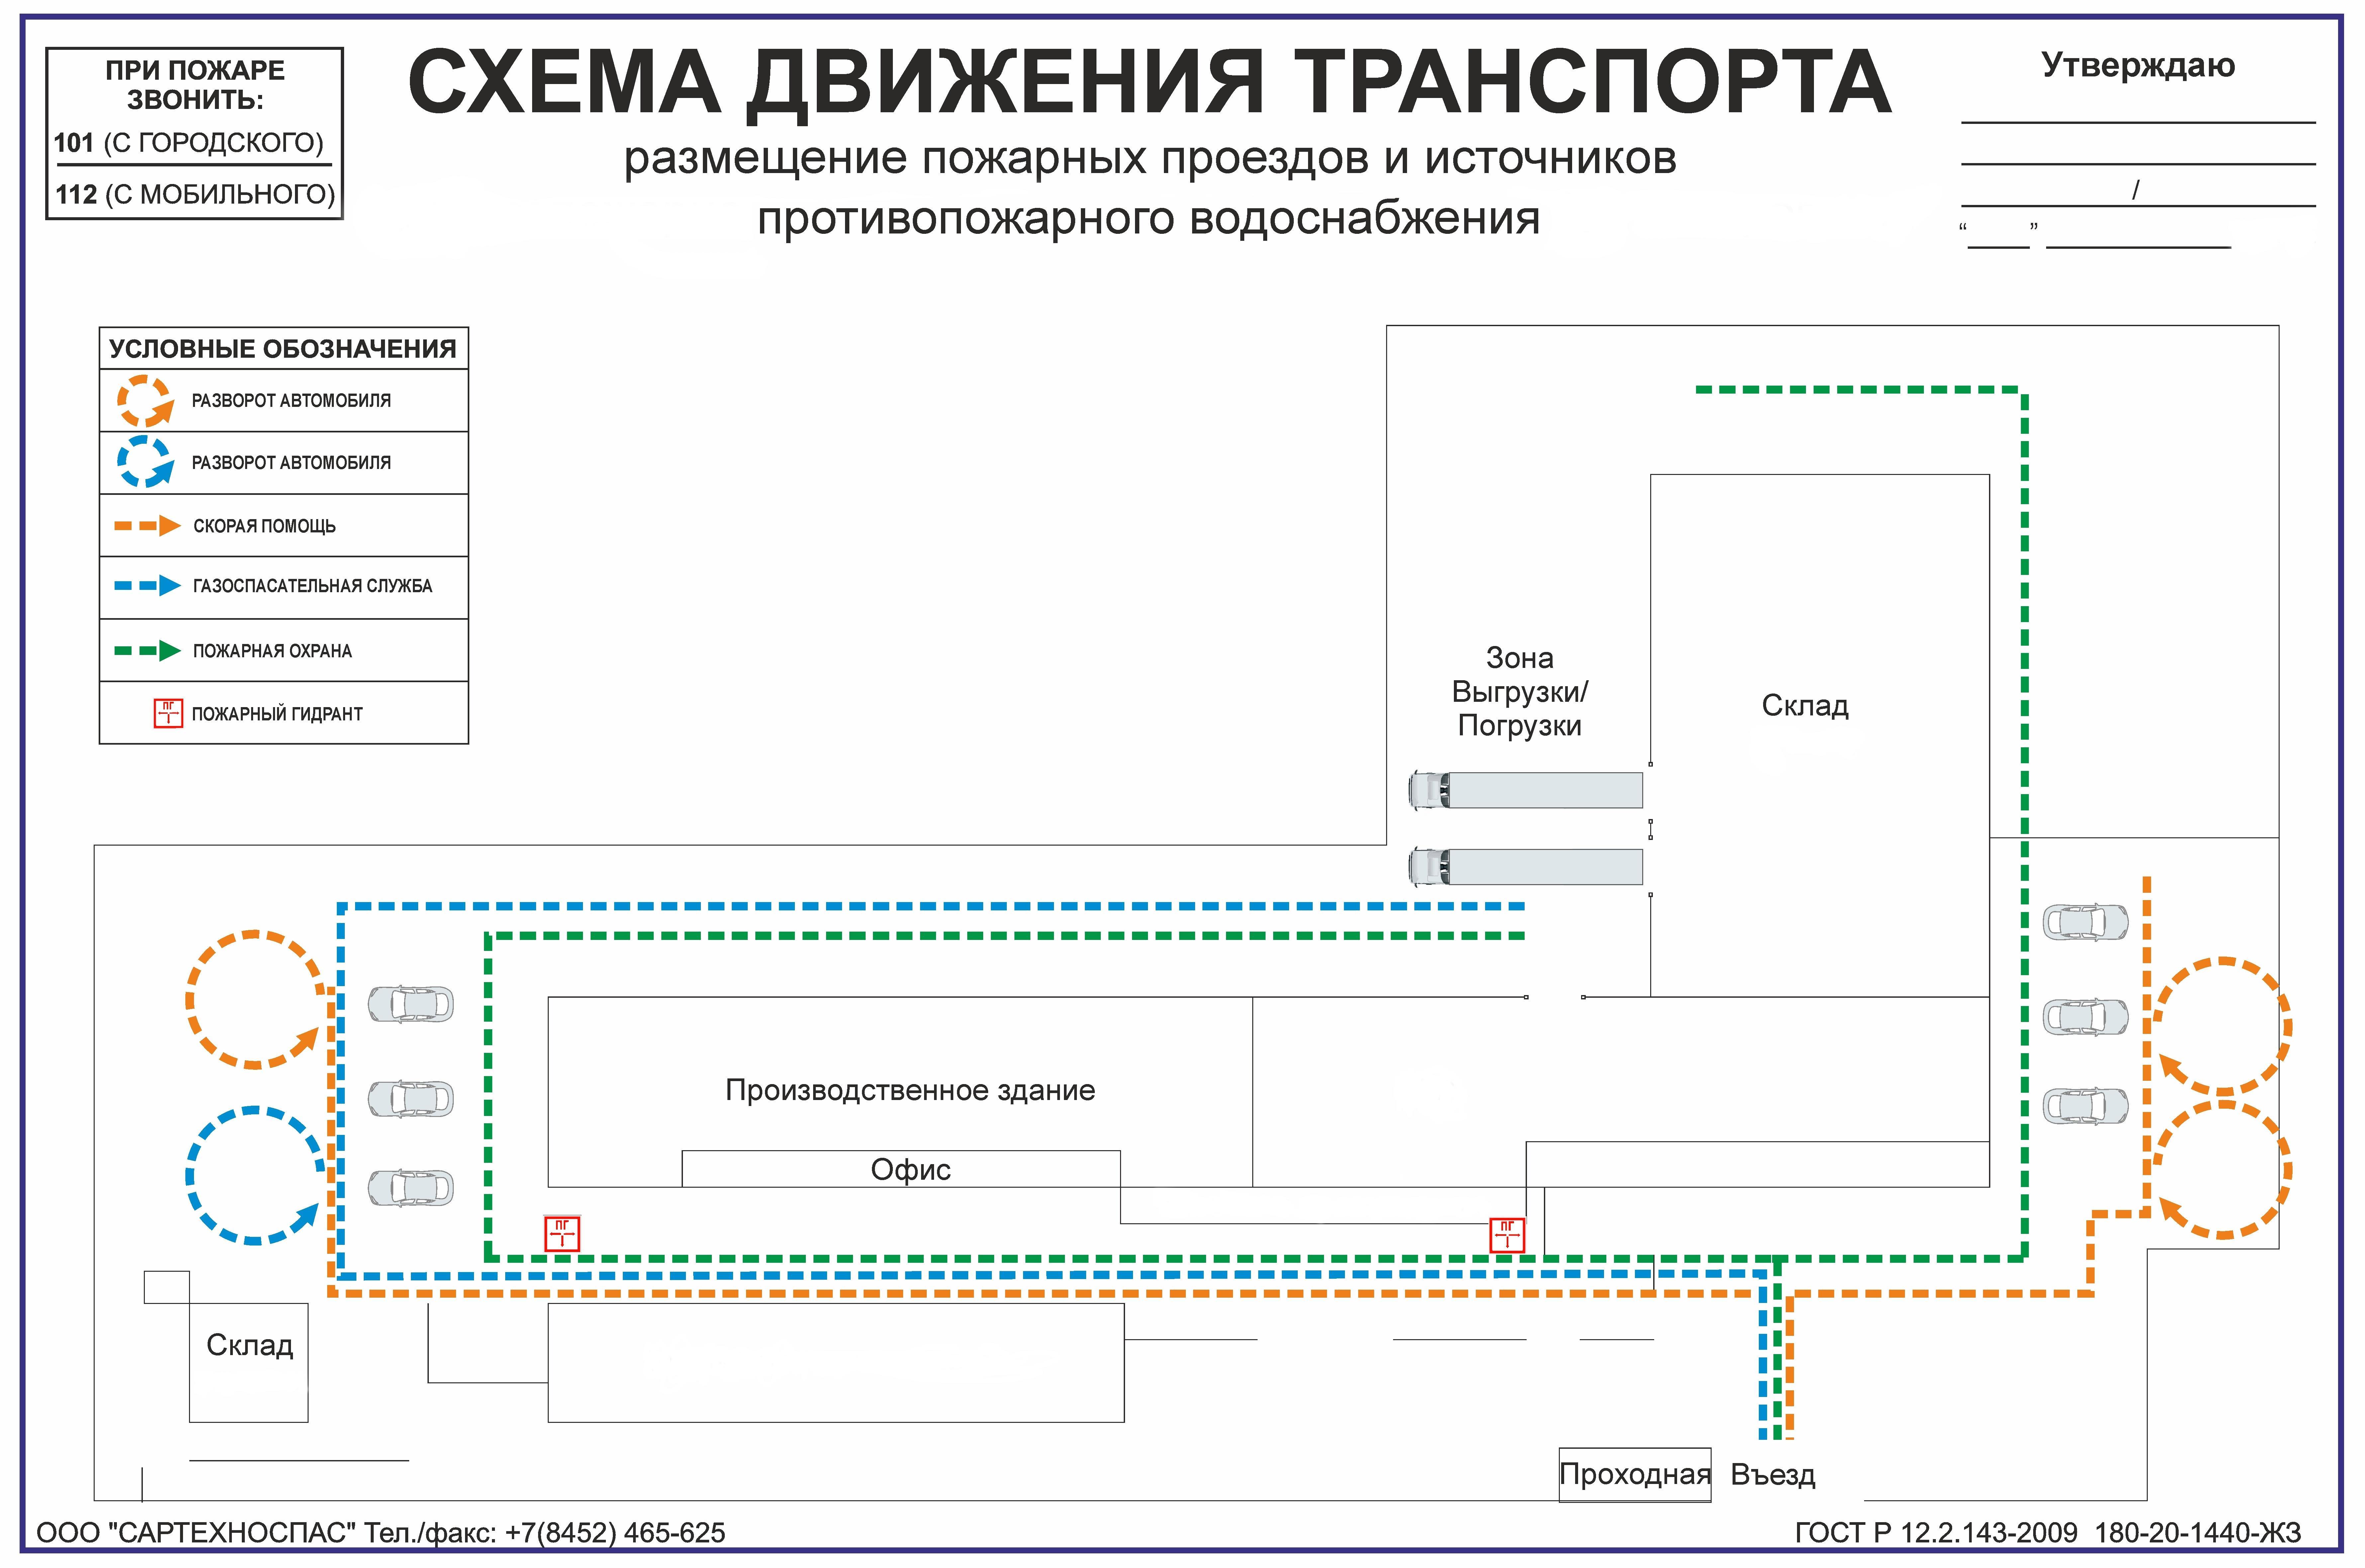 Схема движ.транспорта